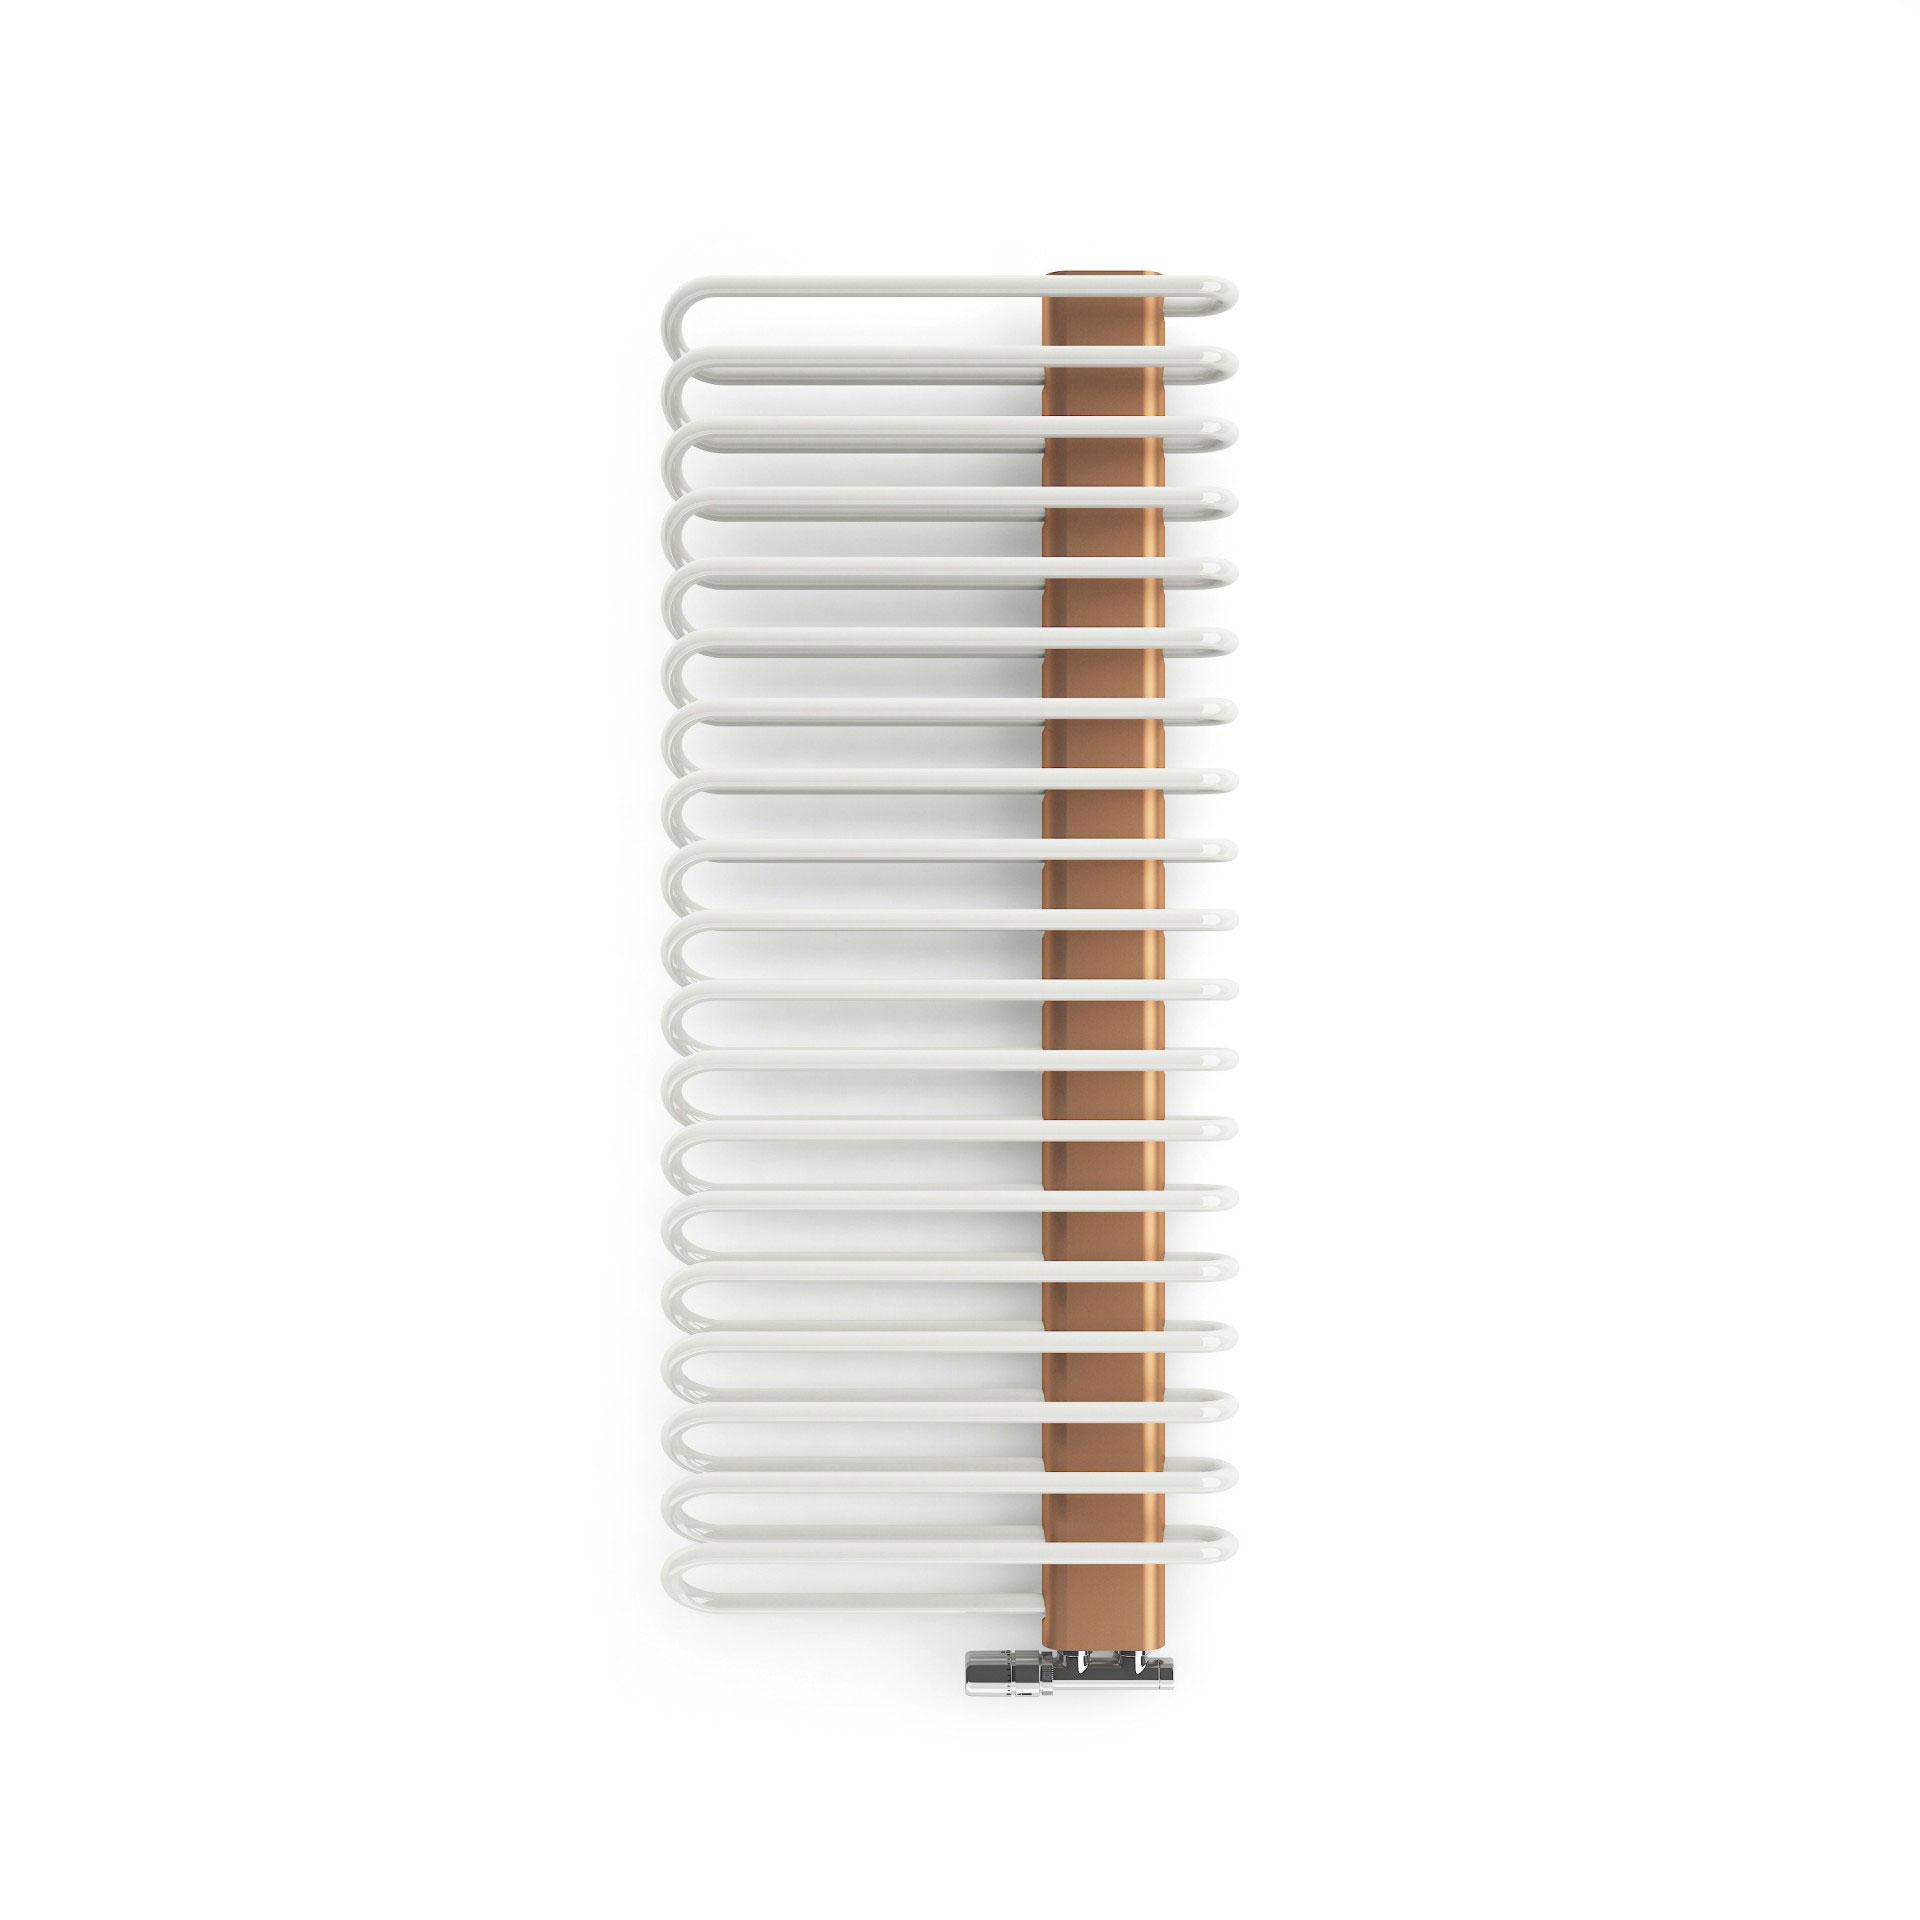 Colour: RAL 9010 / Copper